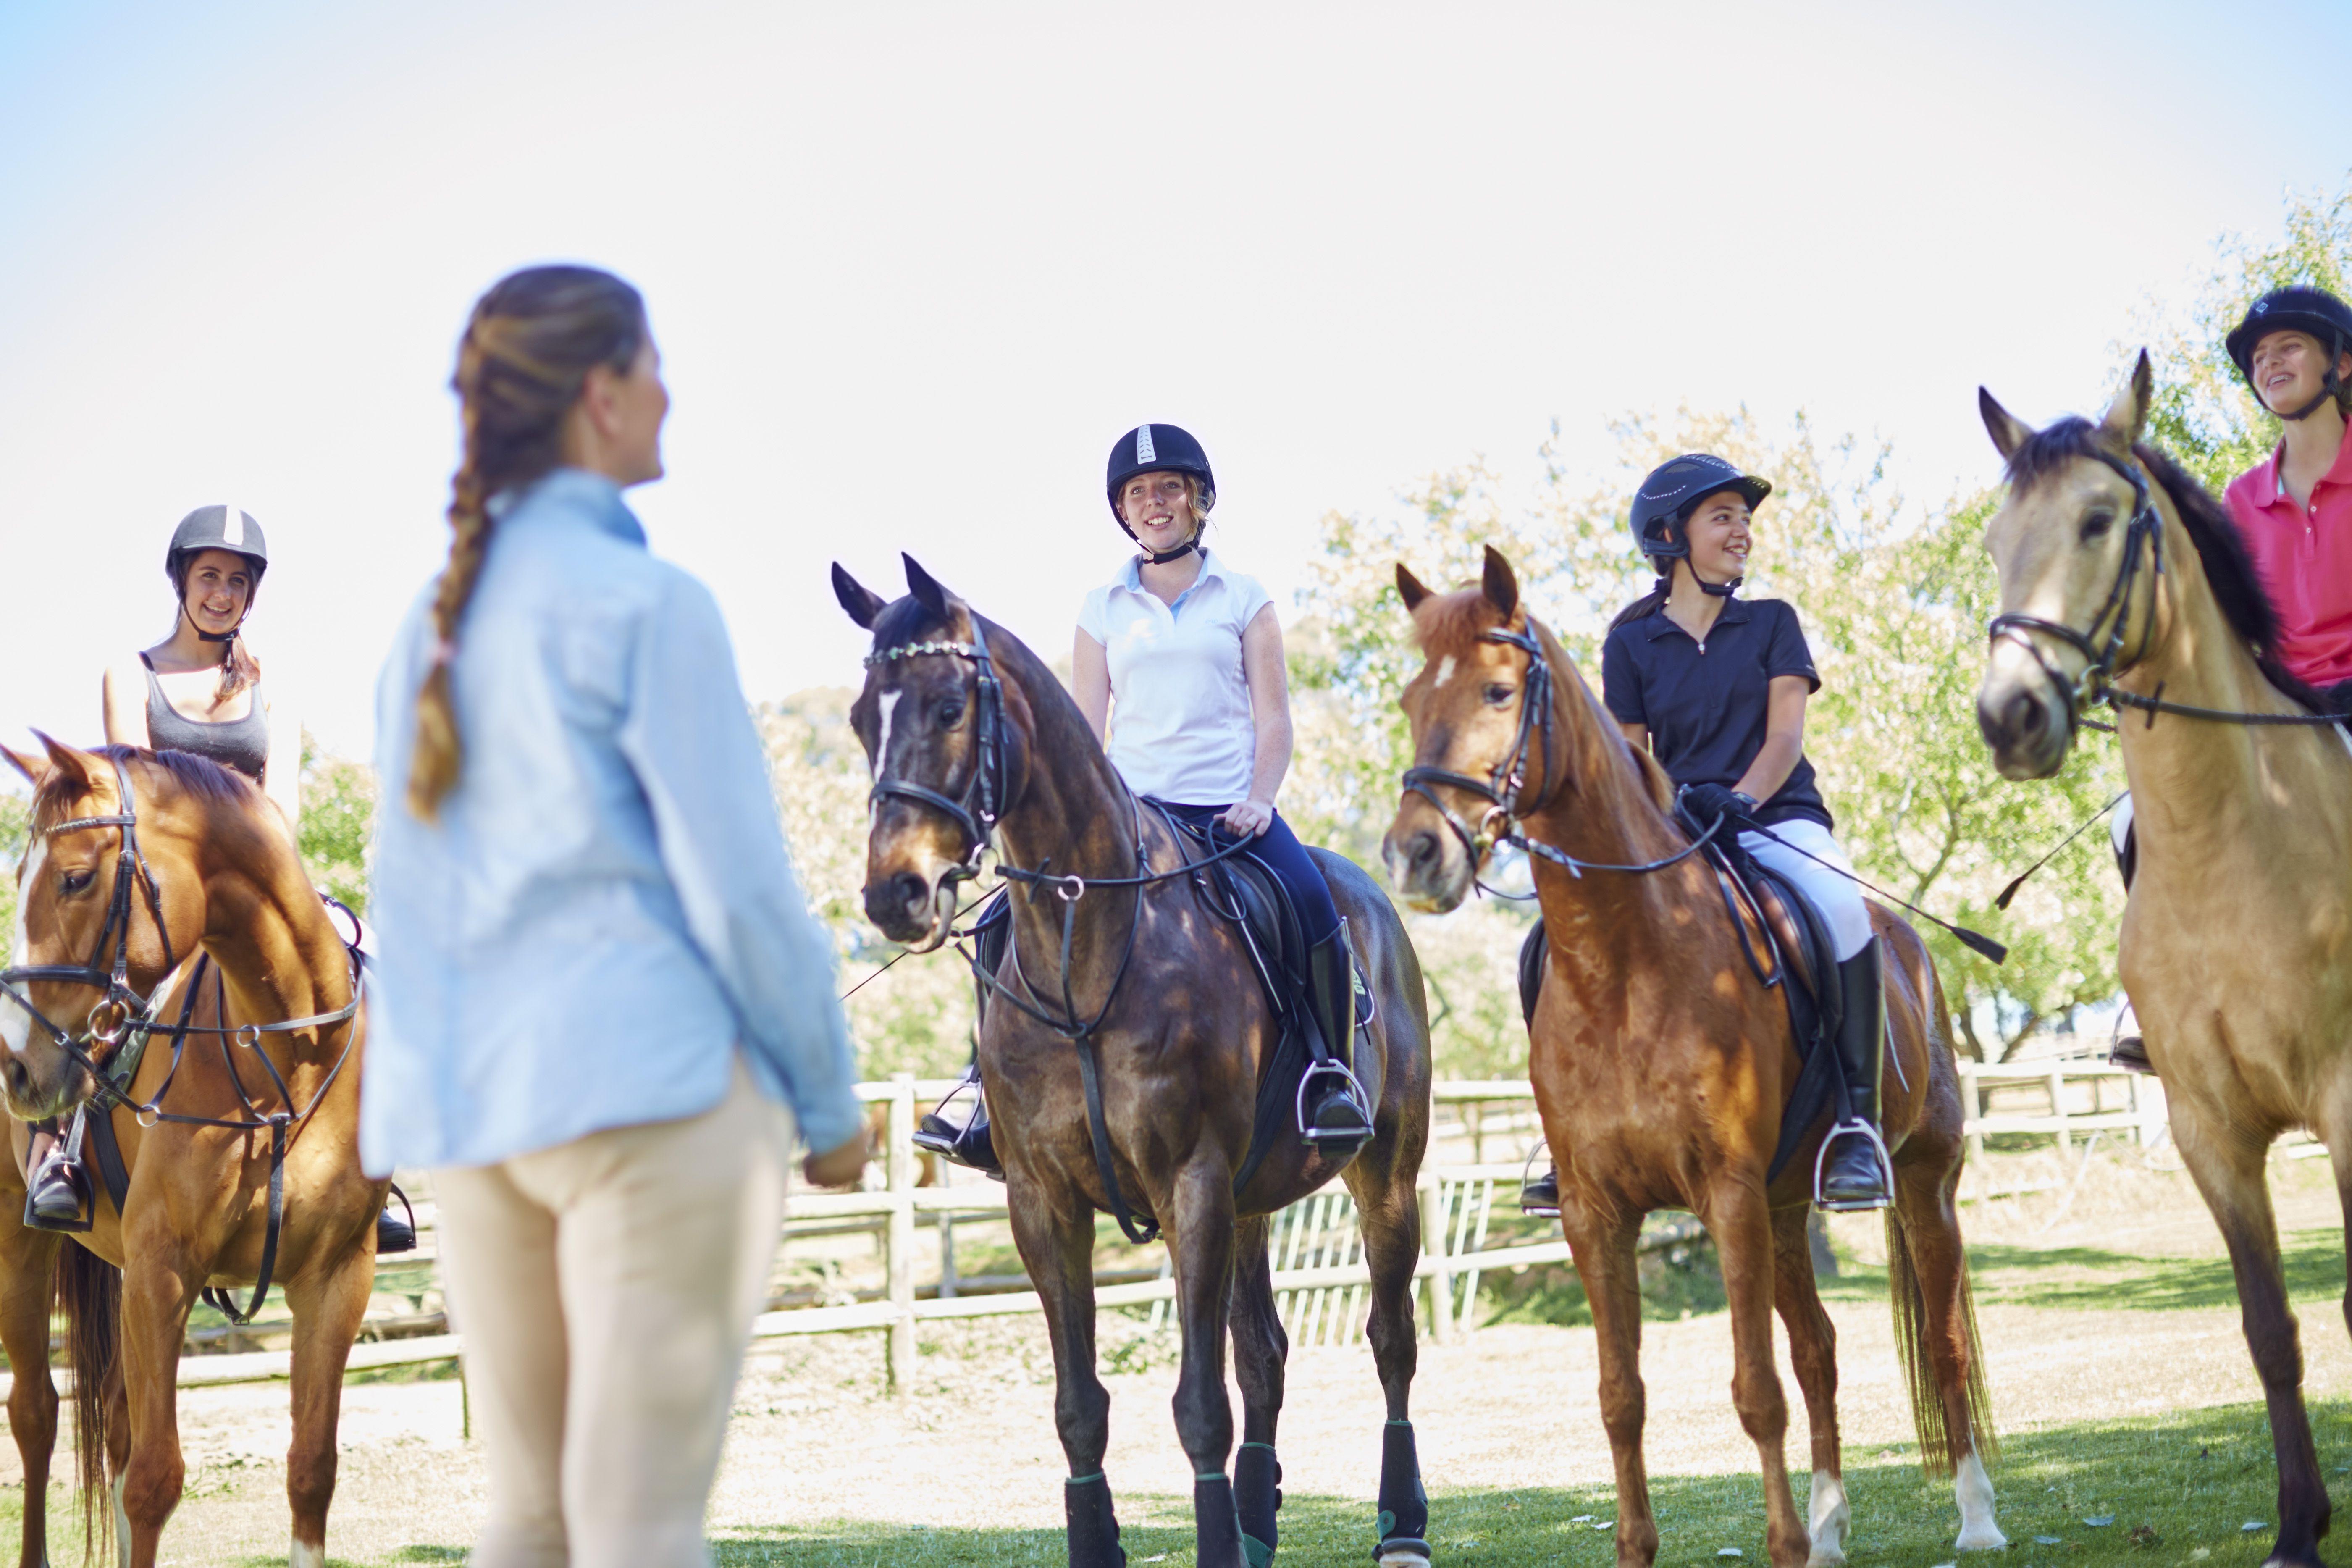 Entrenador y chicas a caballo en el anillo de equitación.